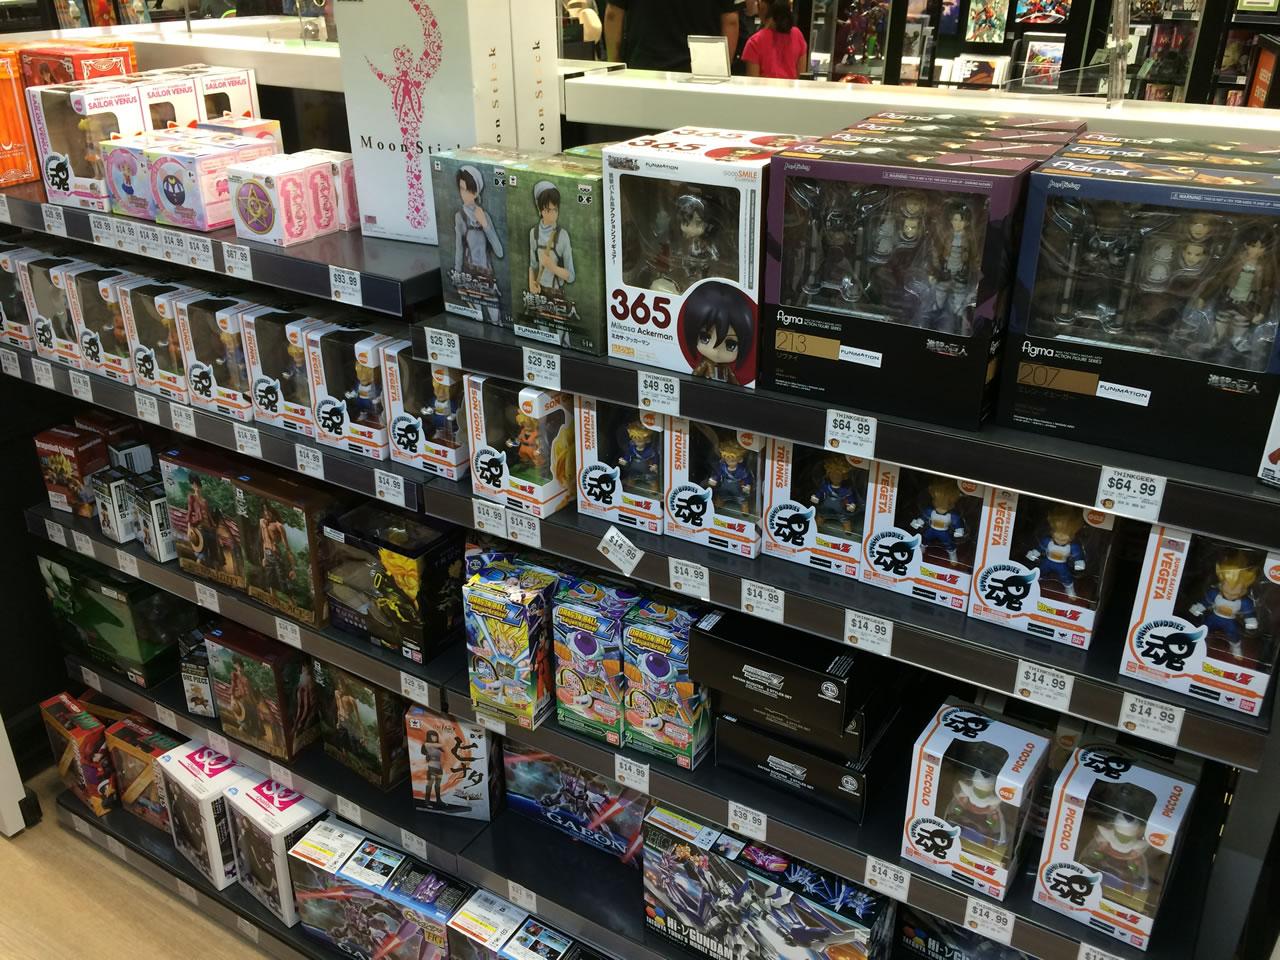 47 thinkgeek store - figurines